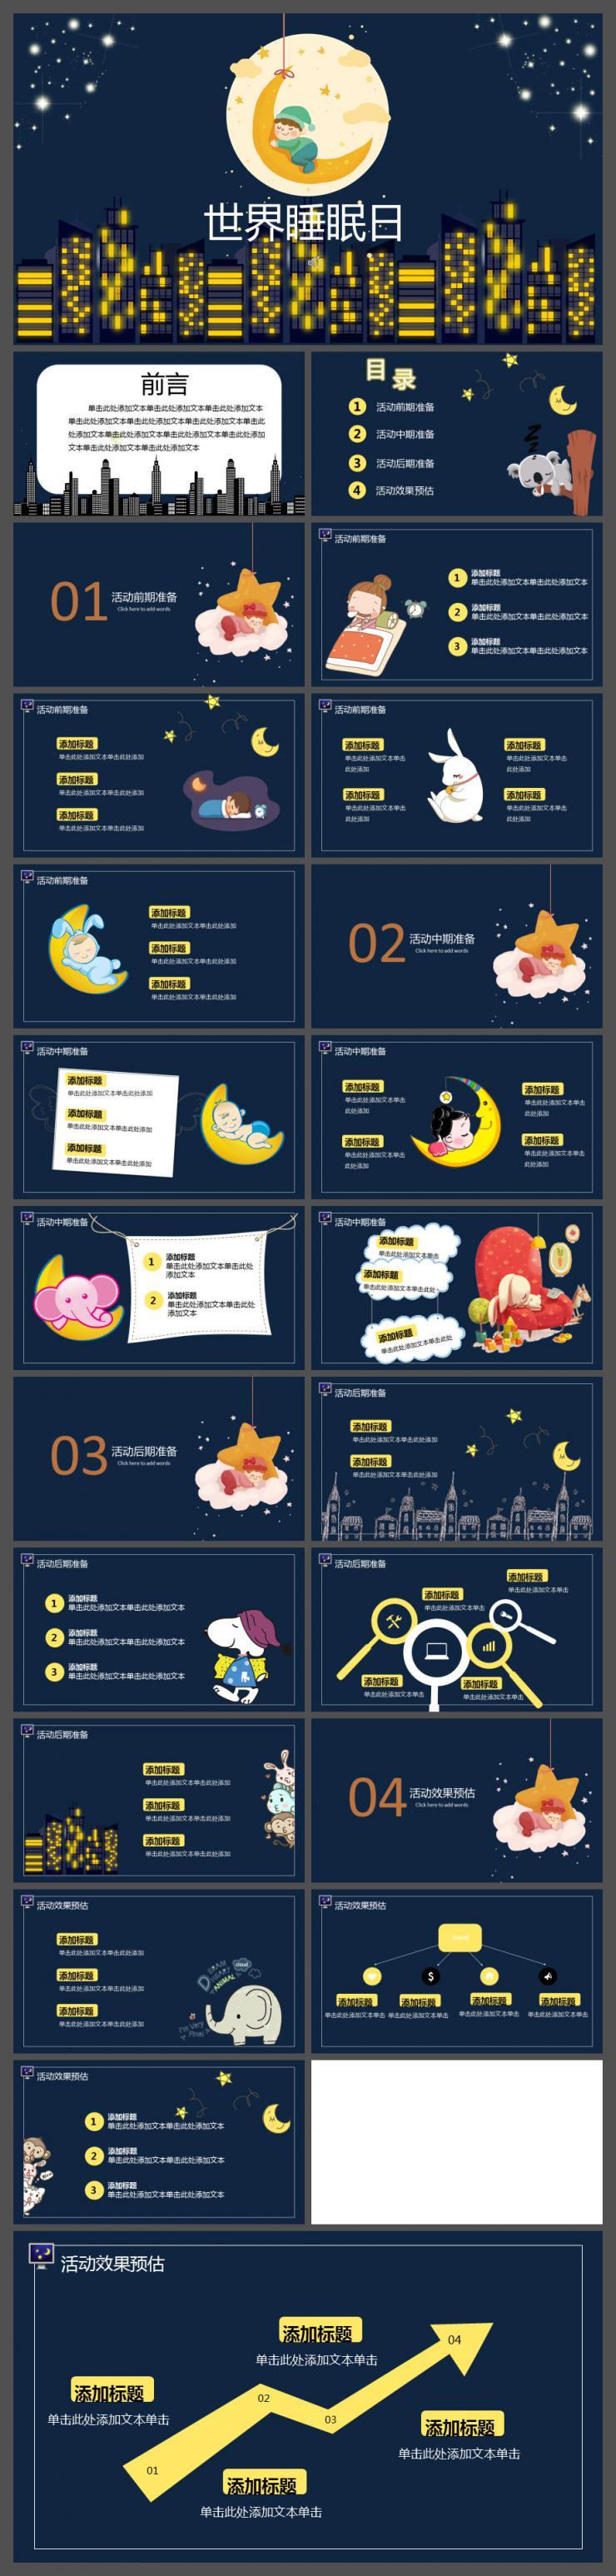 蓝色简约世界睡眠日活动策划安排PPT模板